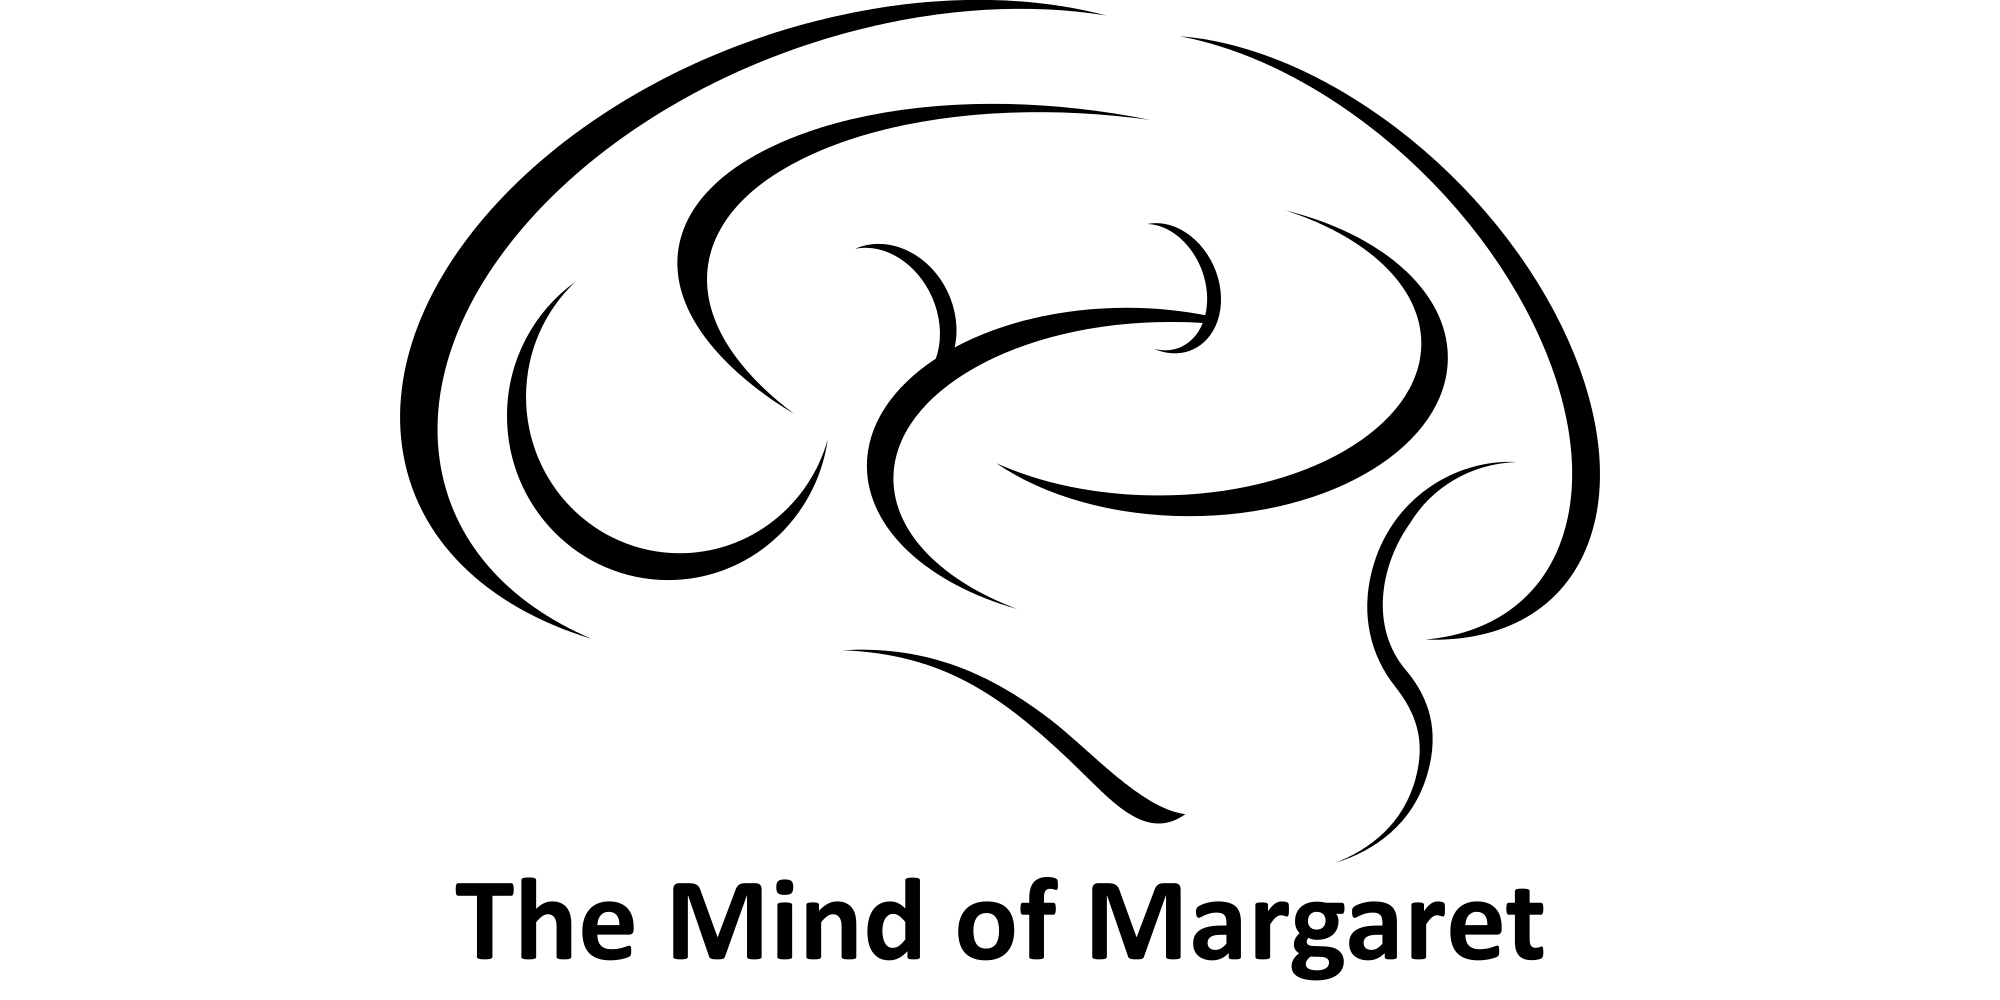 The Mind of Margaret